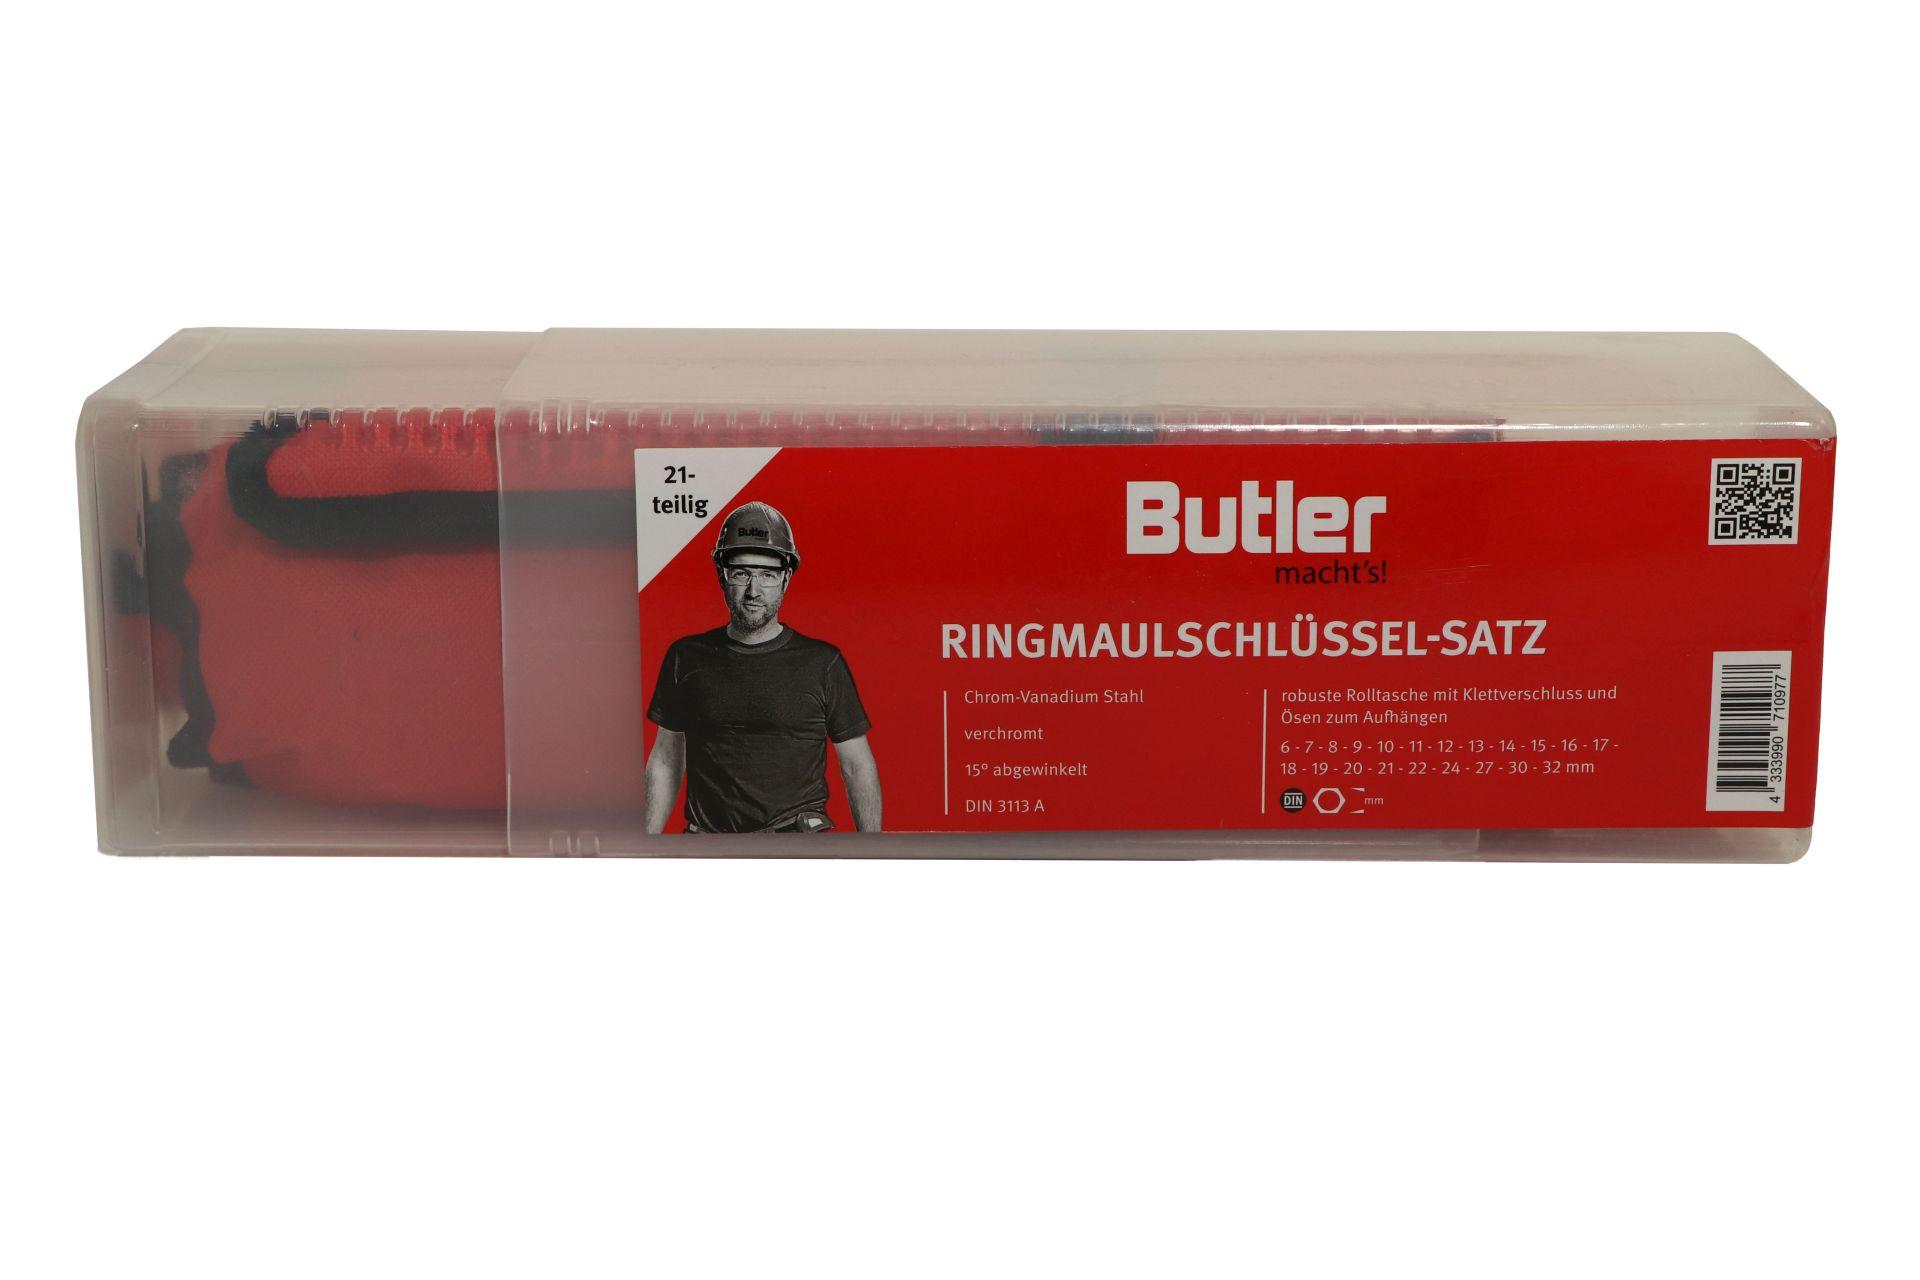 Butler macht's! Ring-Maulschluessel-Satz, DIN 3113 A, CV, 21-teilig, 6-32 mm